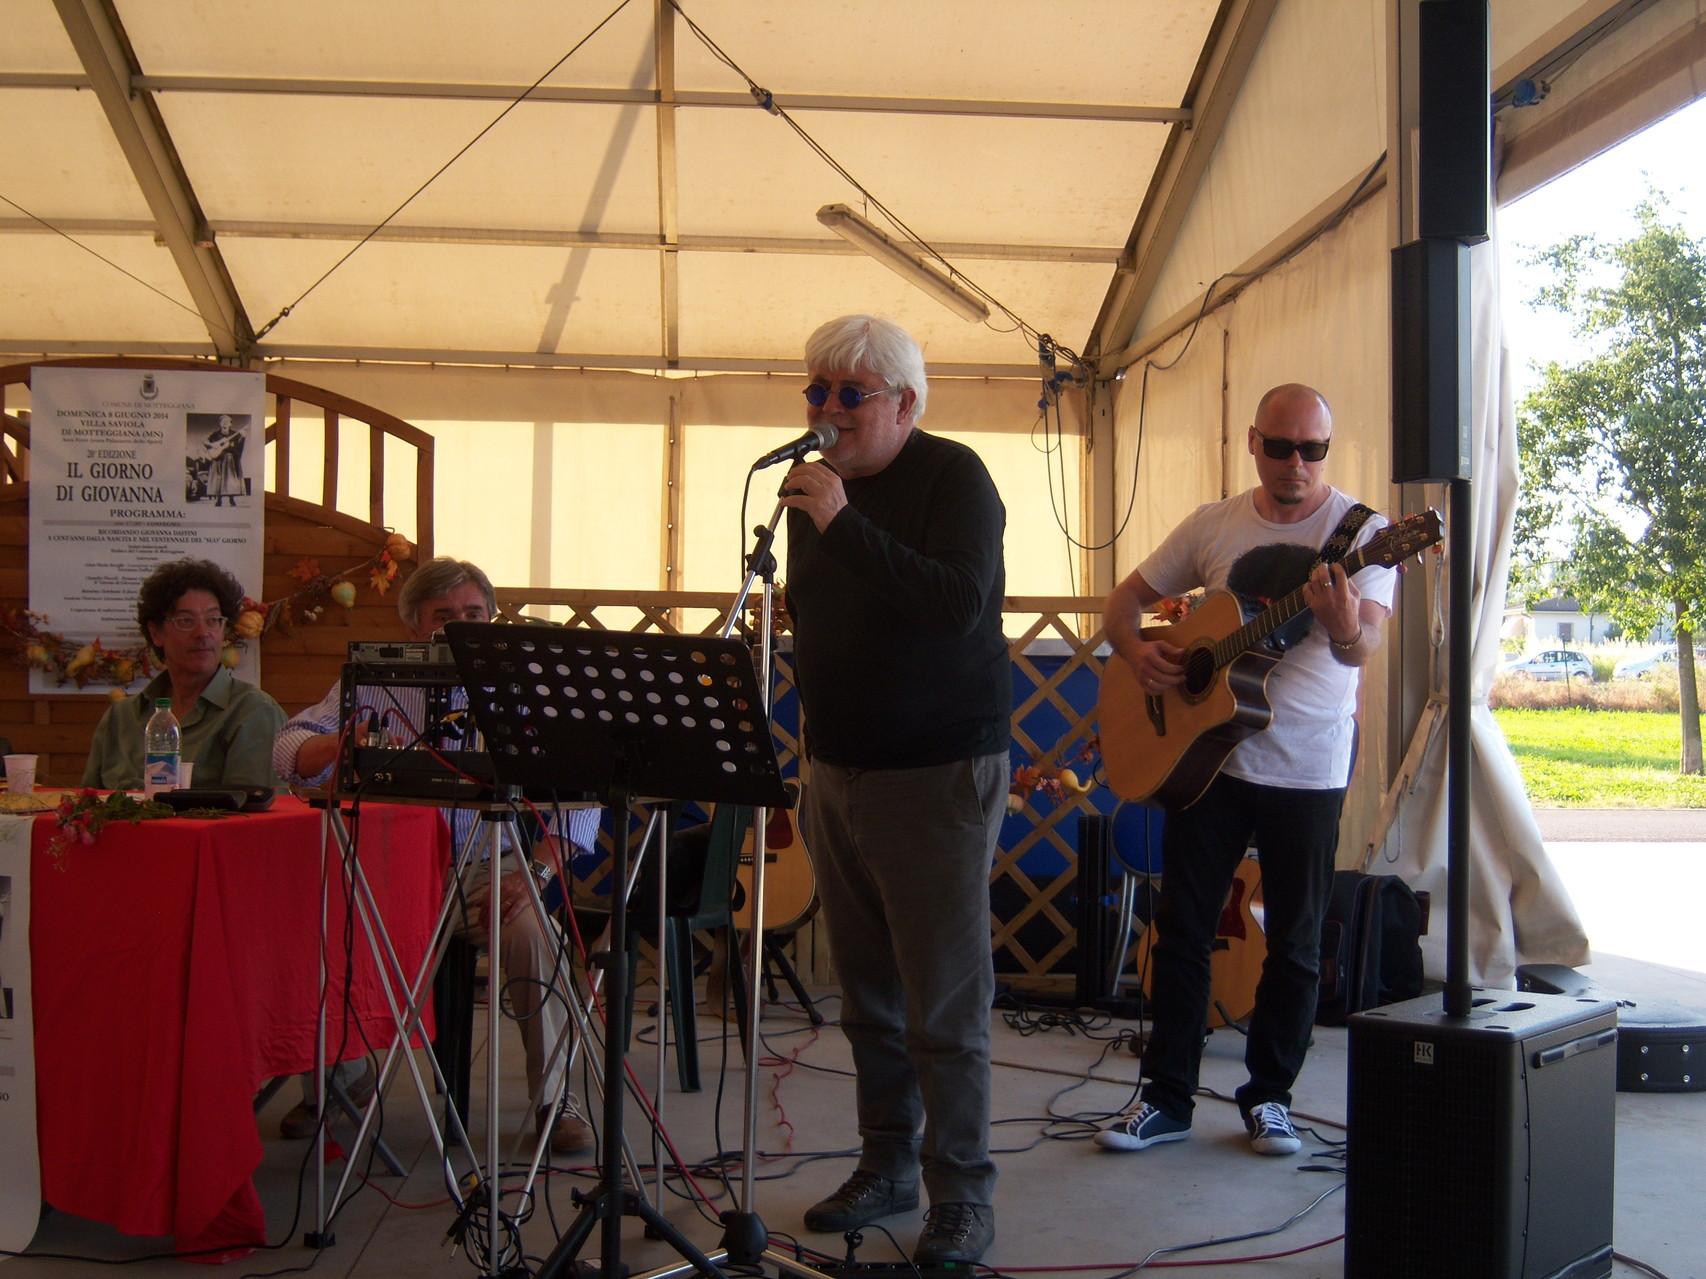 Gastone Pietrucci del gruppo di canto popolare La Macina